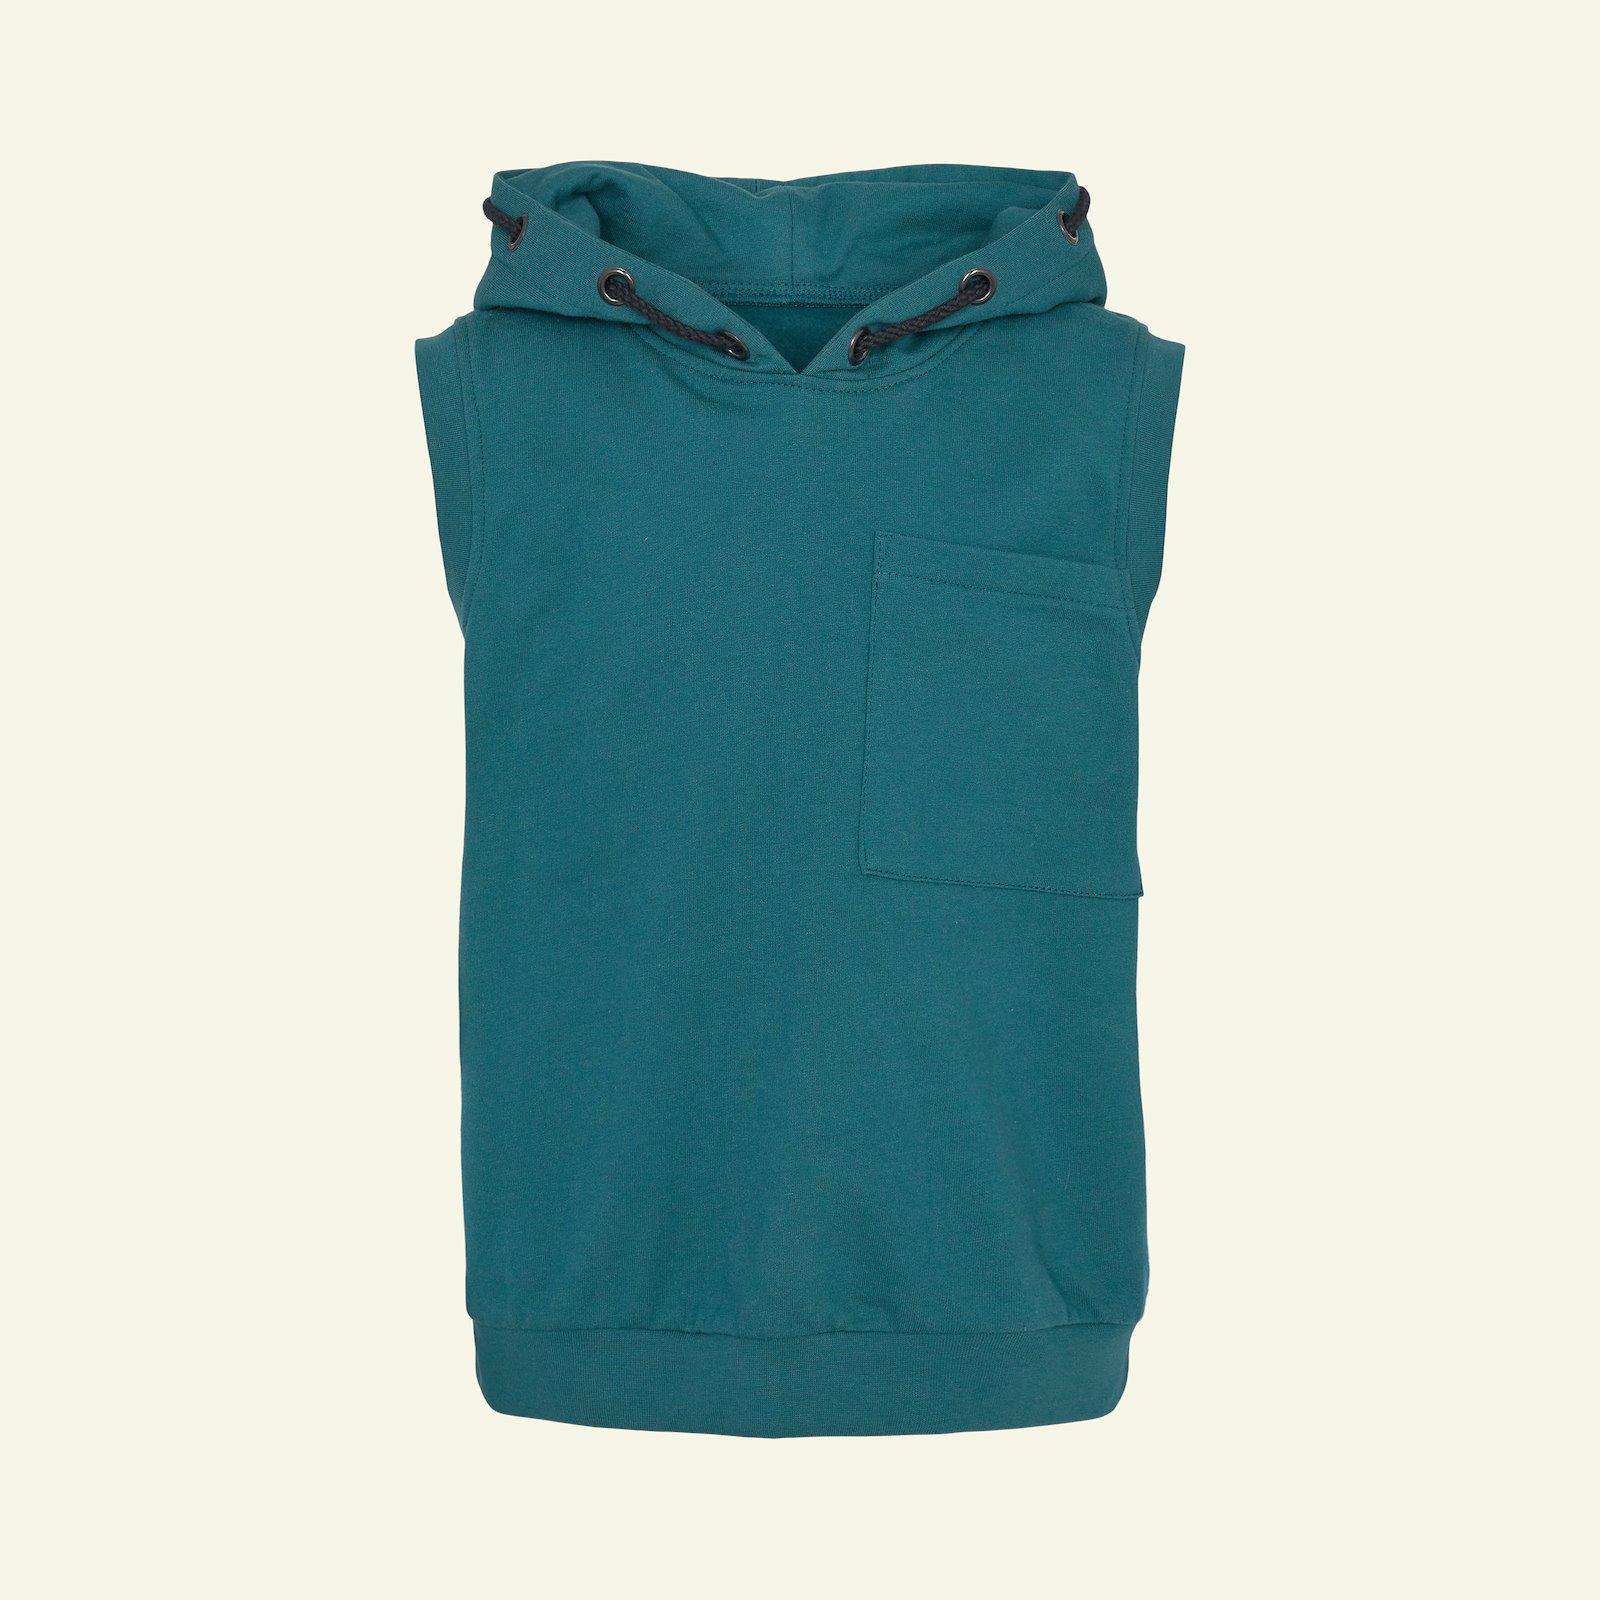 Hoodie waistcoat p62021_211775_75243_sskit